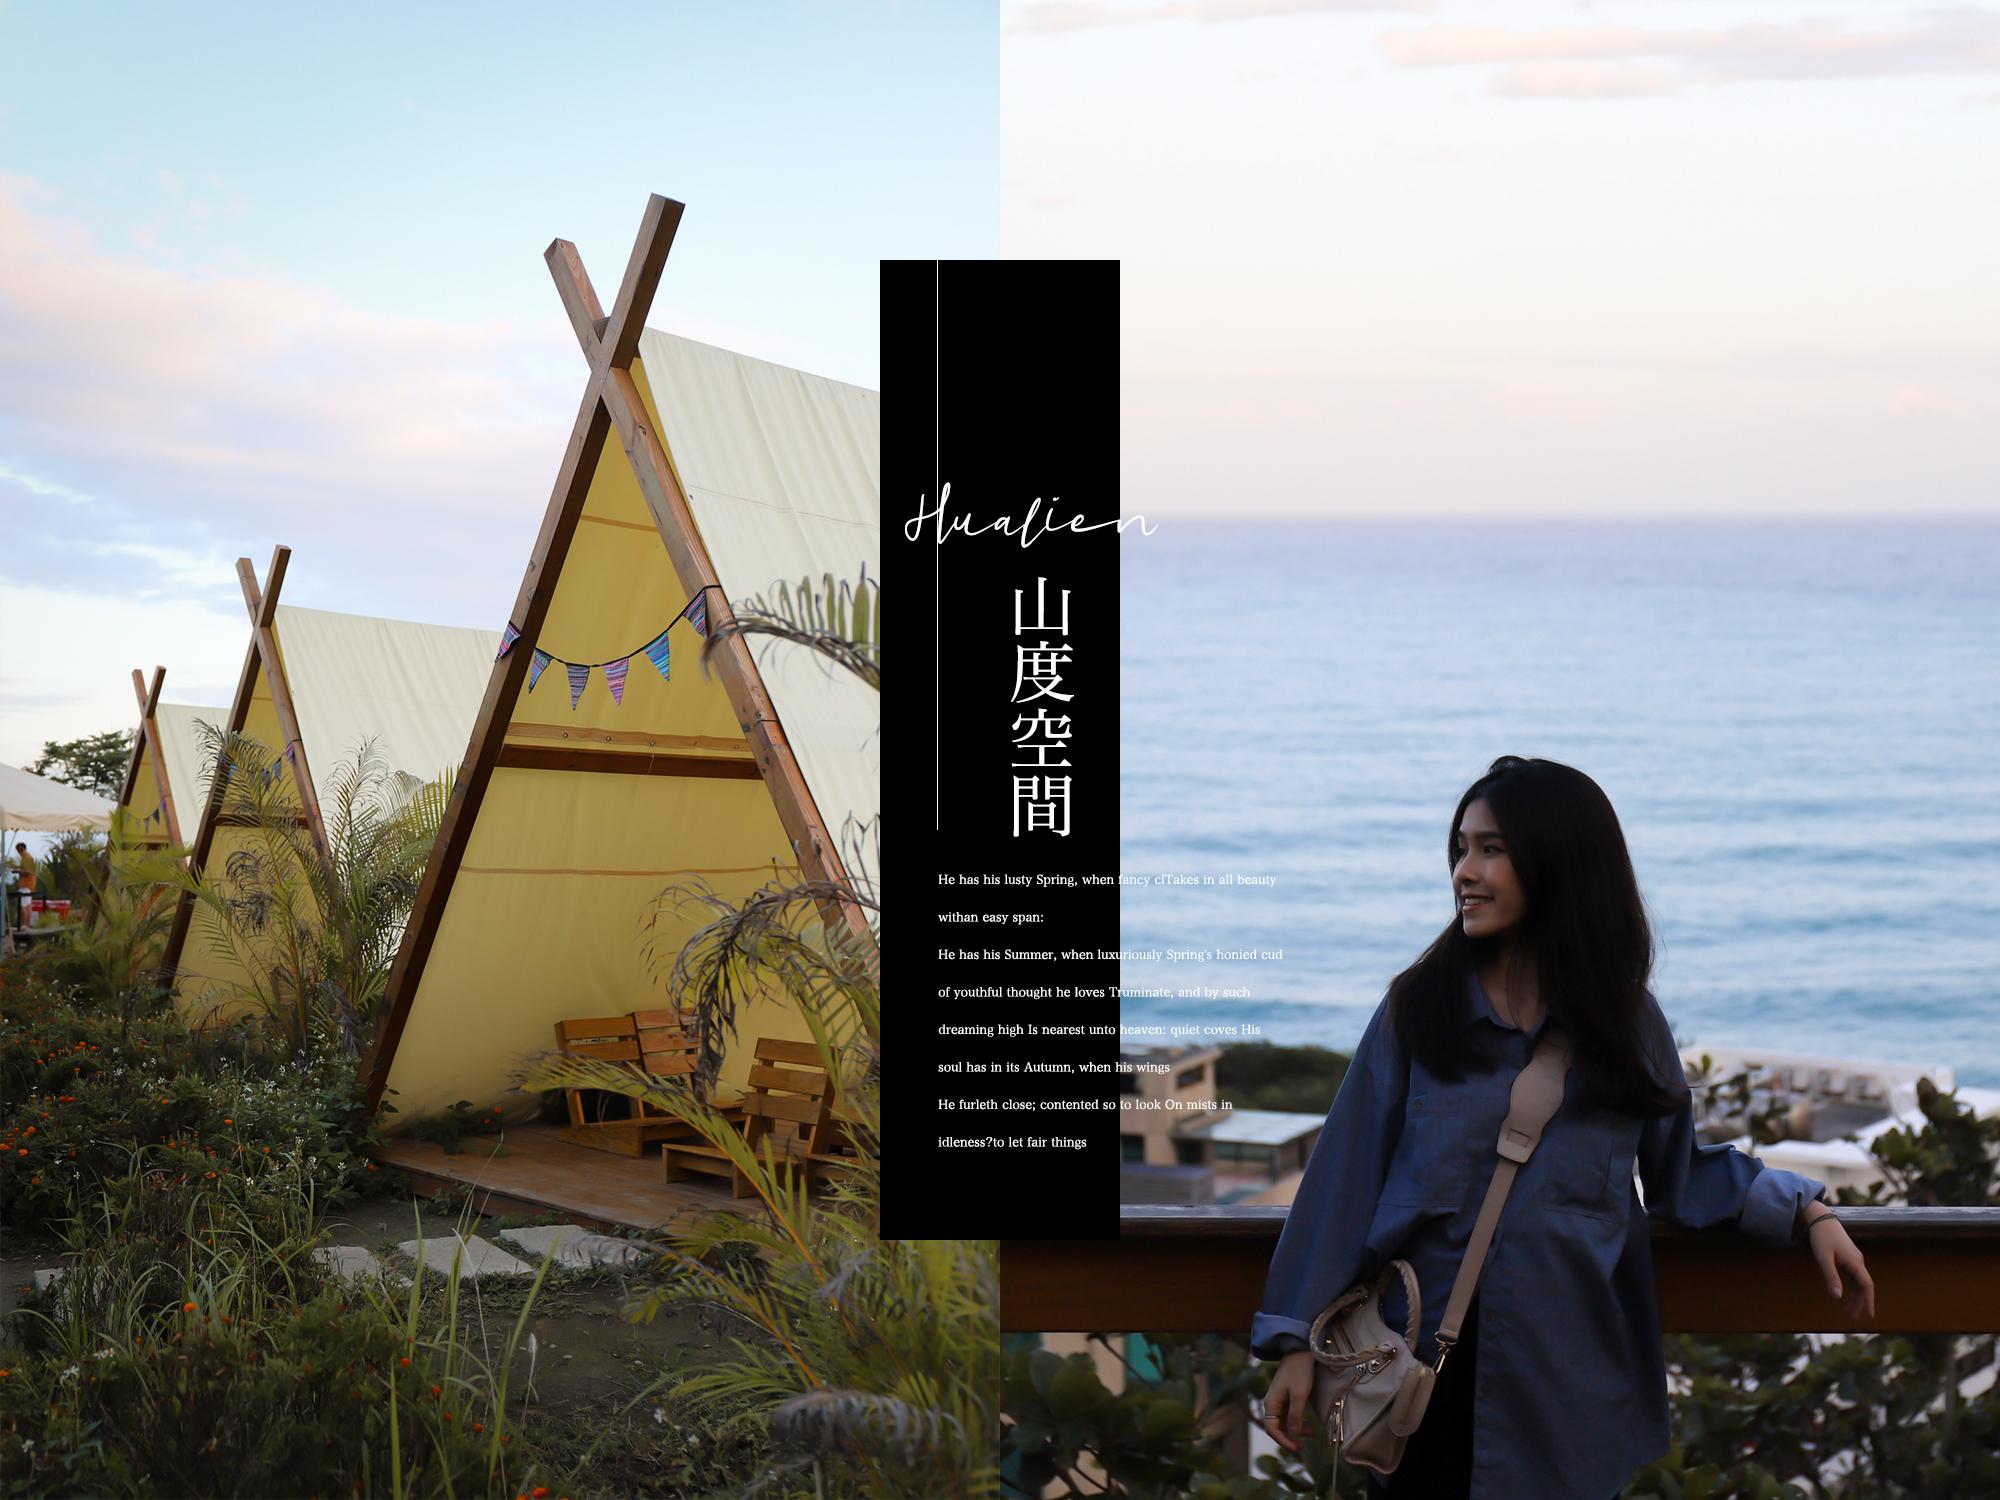 山度空間-花蓮鹽寮(近海涯谷)超美的無敵海景,情侶、家人拍照打卡必來景點!